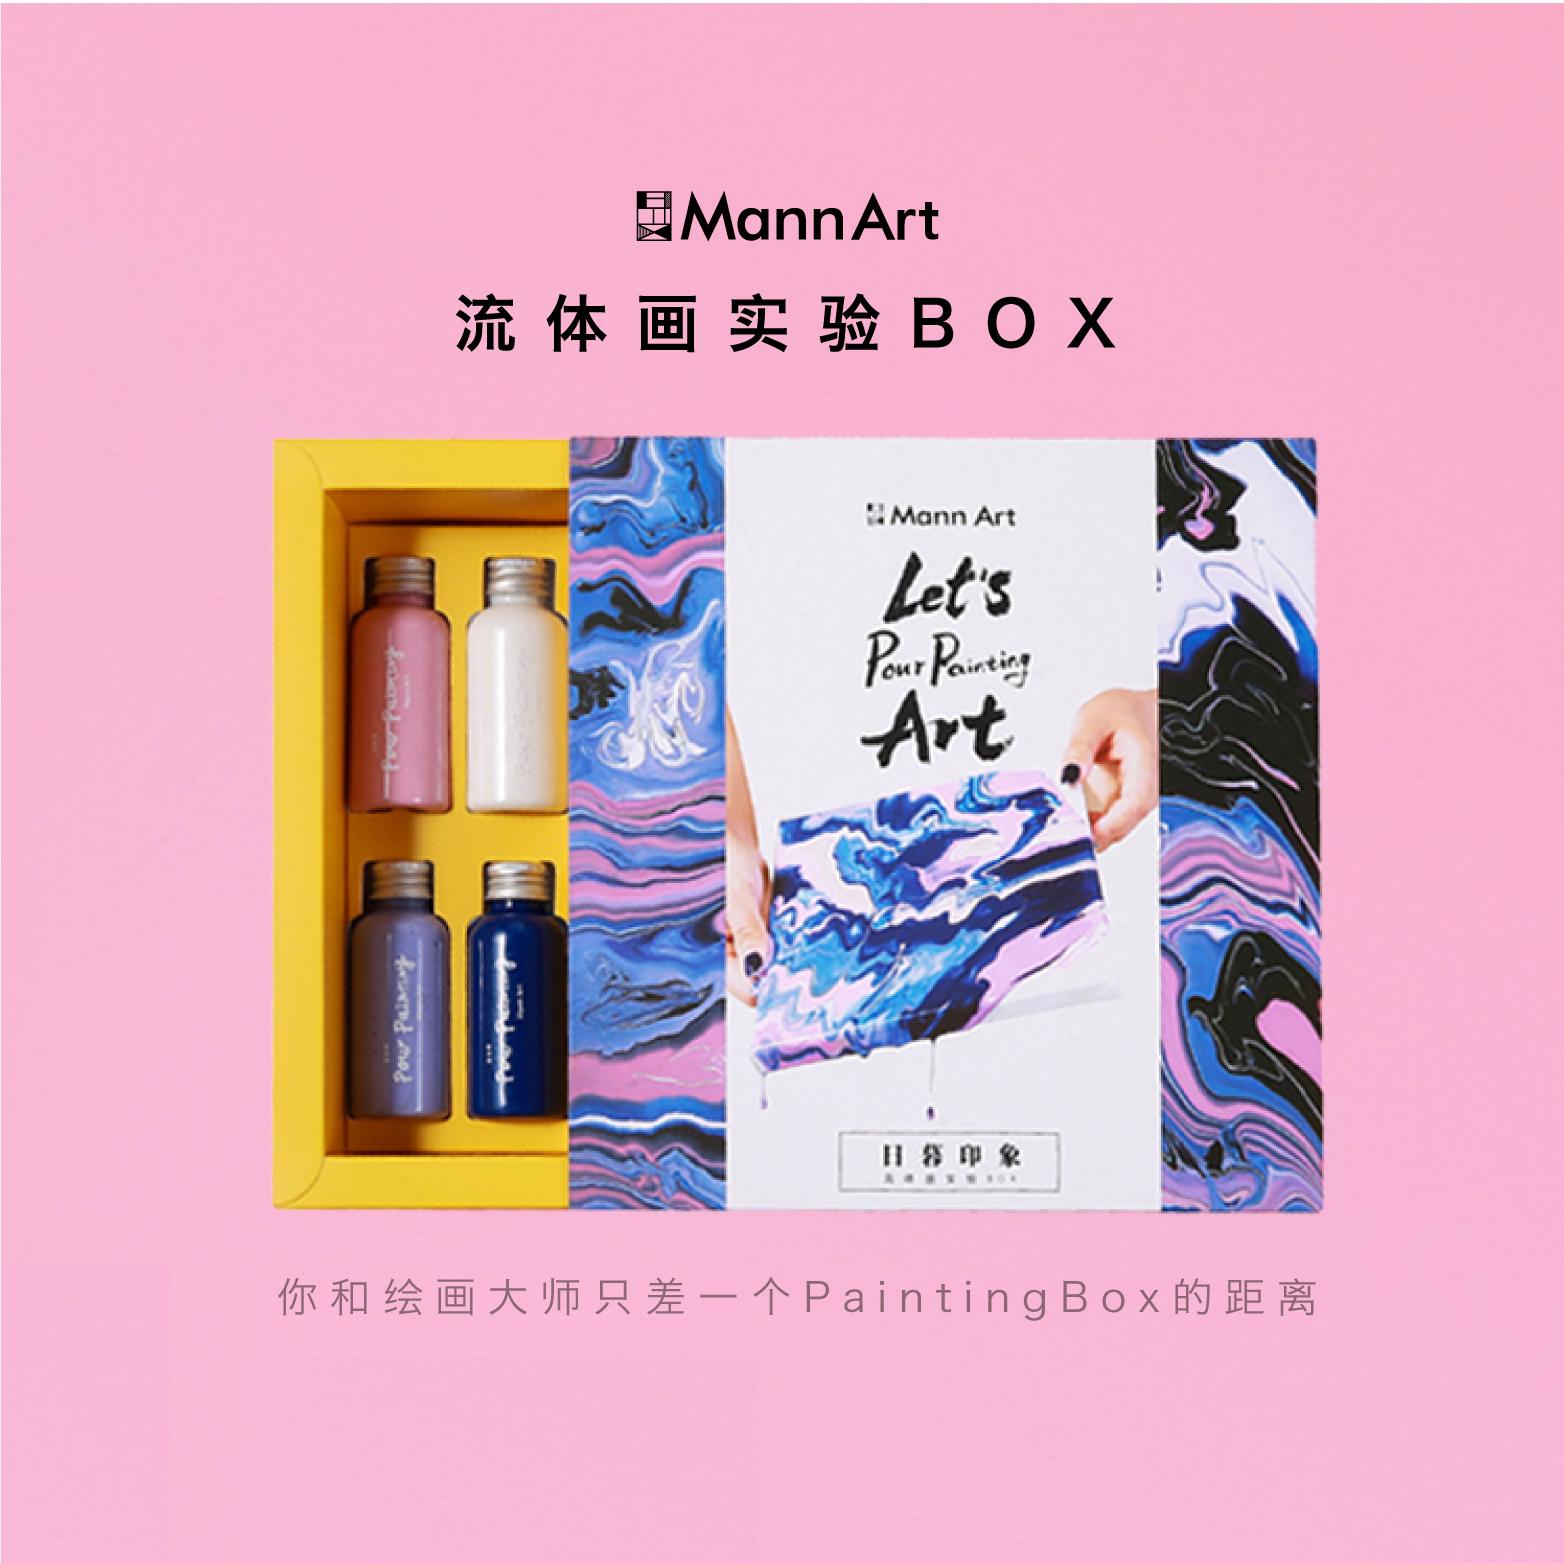 MannArt流体画手工DIY数字油画创意美术礼品盒 商品图0